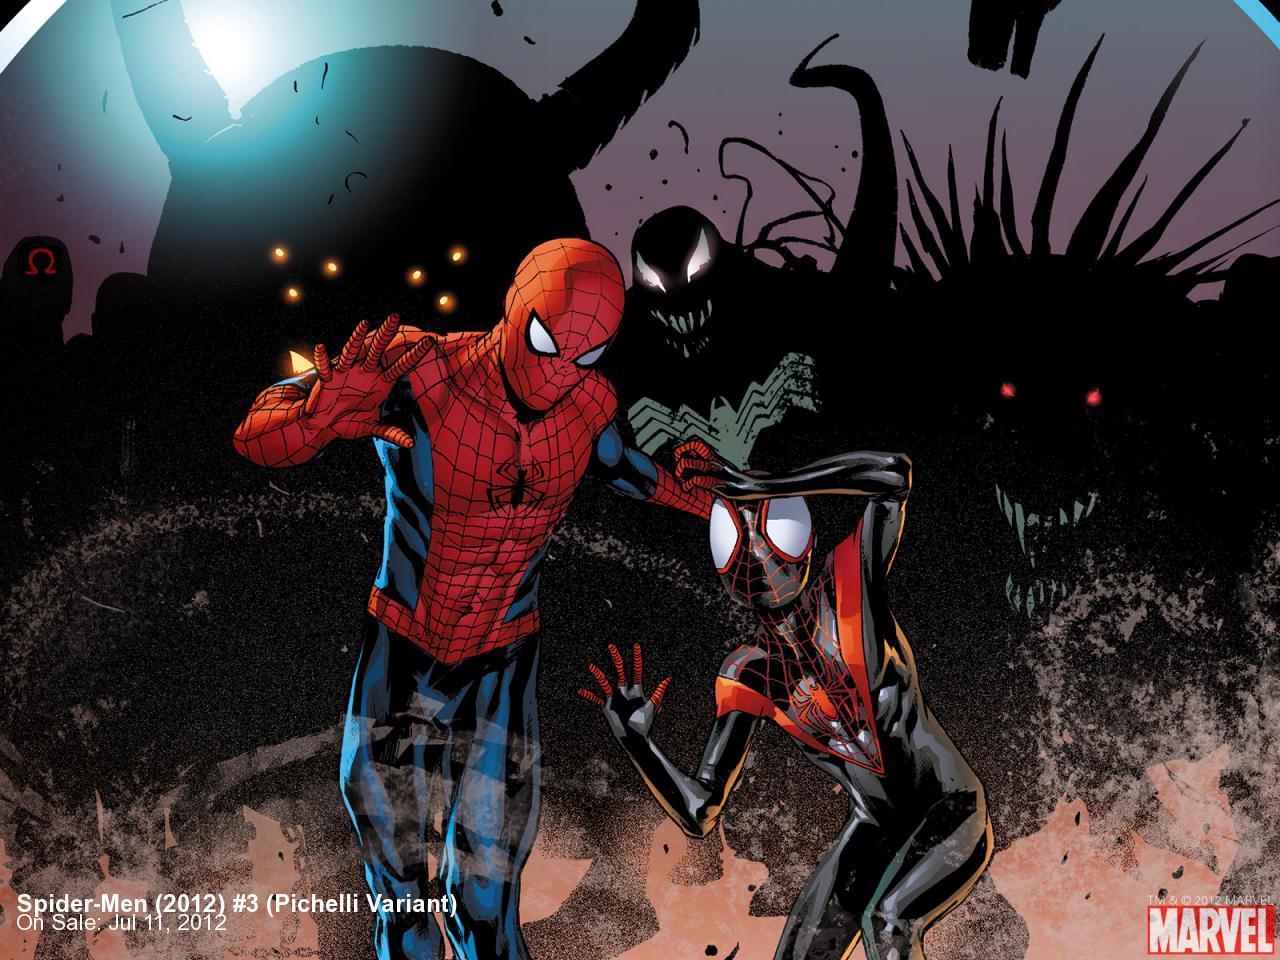 Spider-Men (2012) #3 (Pichelli Variant)